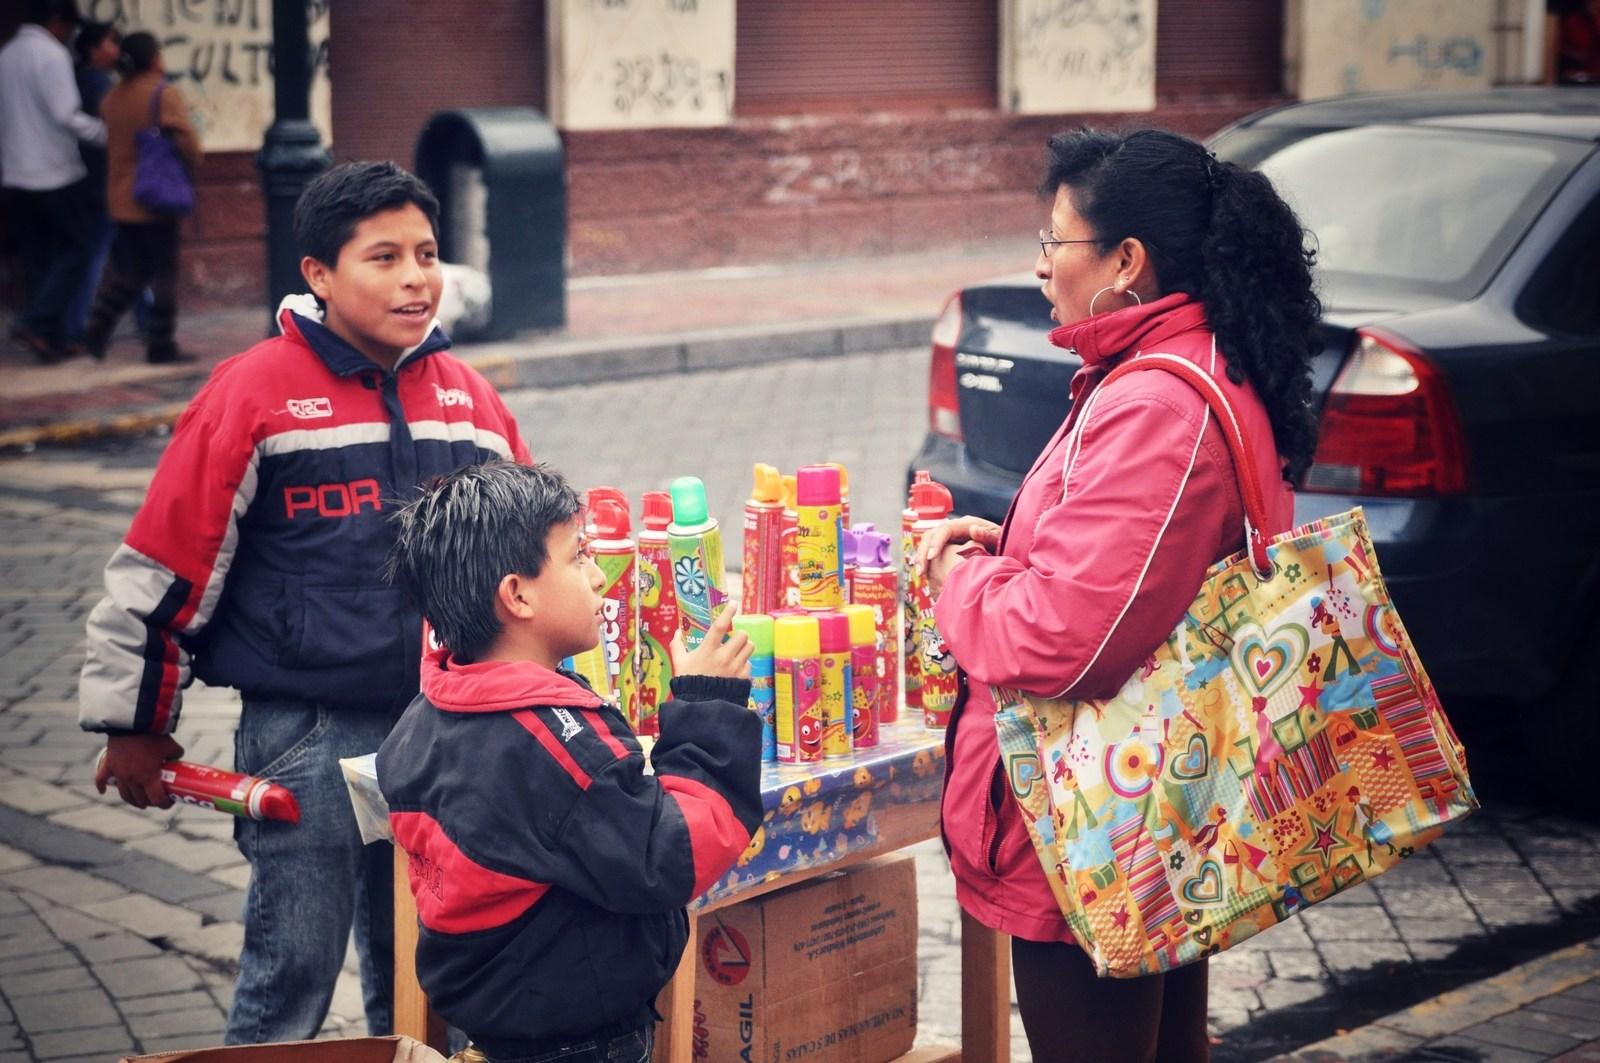 Carioca à vendre à Riobamba, Equateur Riobamba